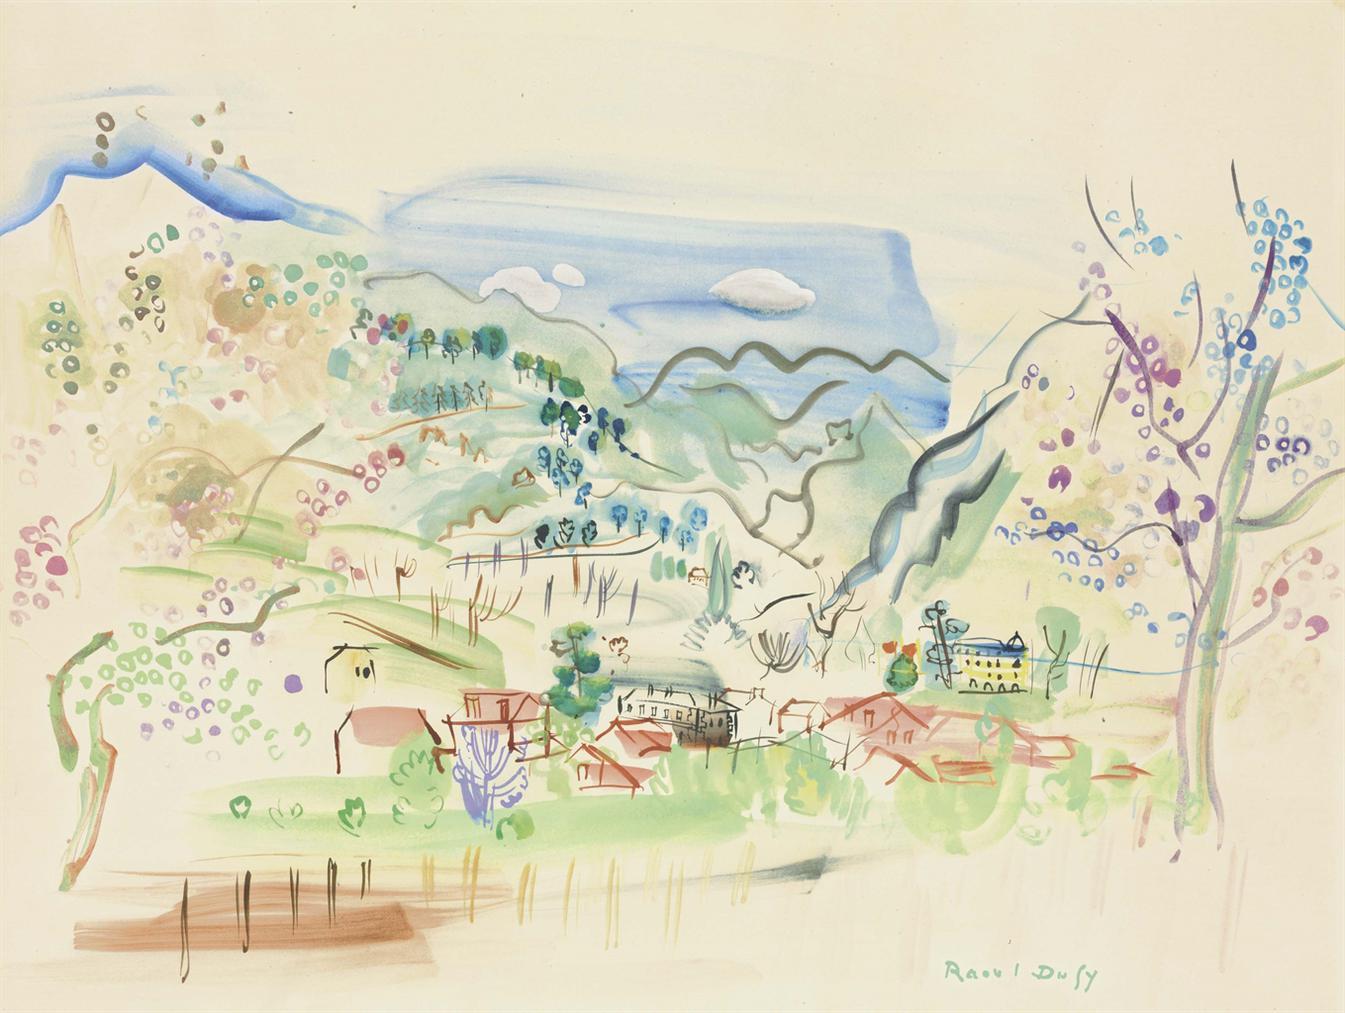 Raoul Dufy-Les Pyrenees-1942